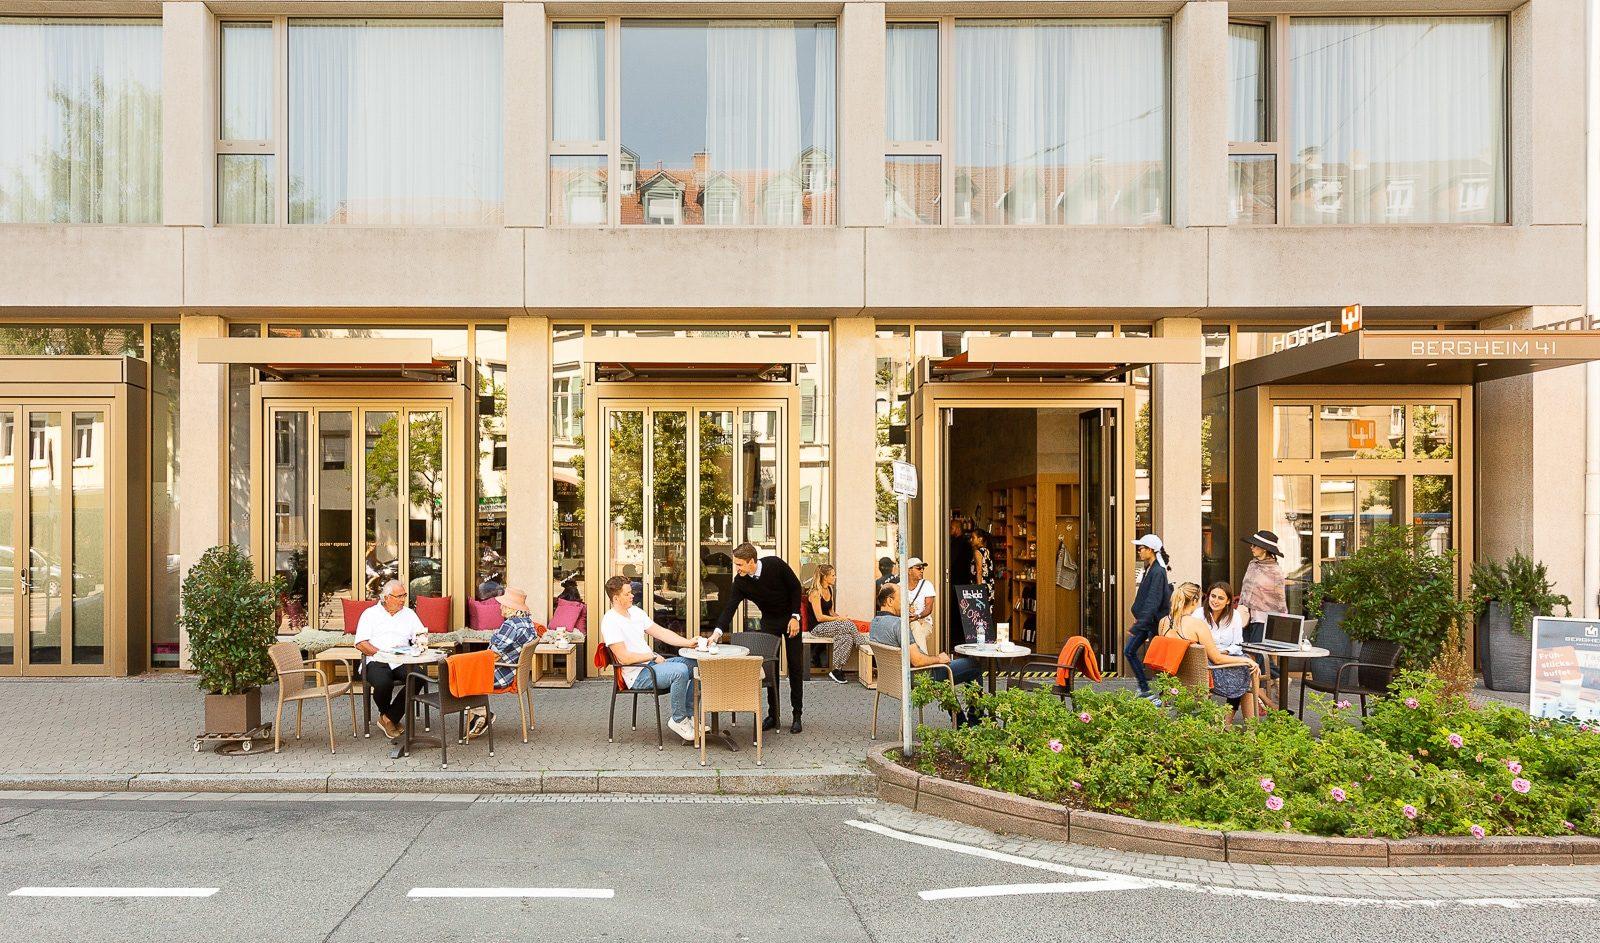 Außenbereich der Kaffeekultur mit Gästen